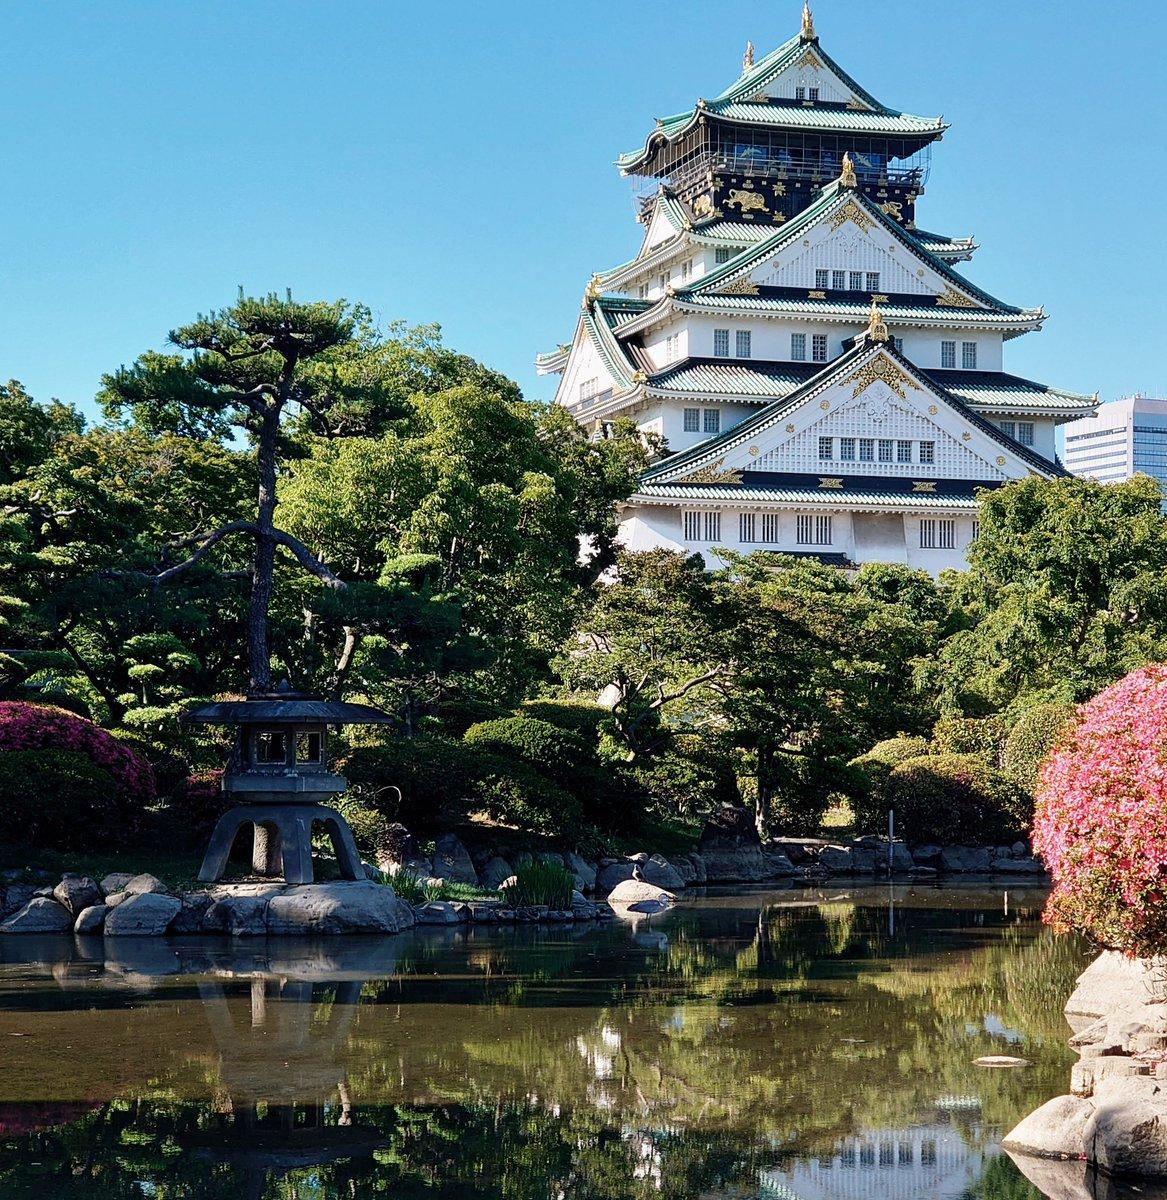 الوسم #純日本式庭園 على تويتر